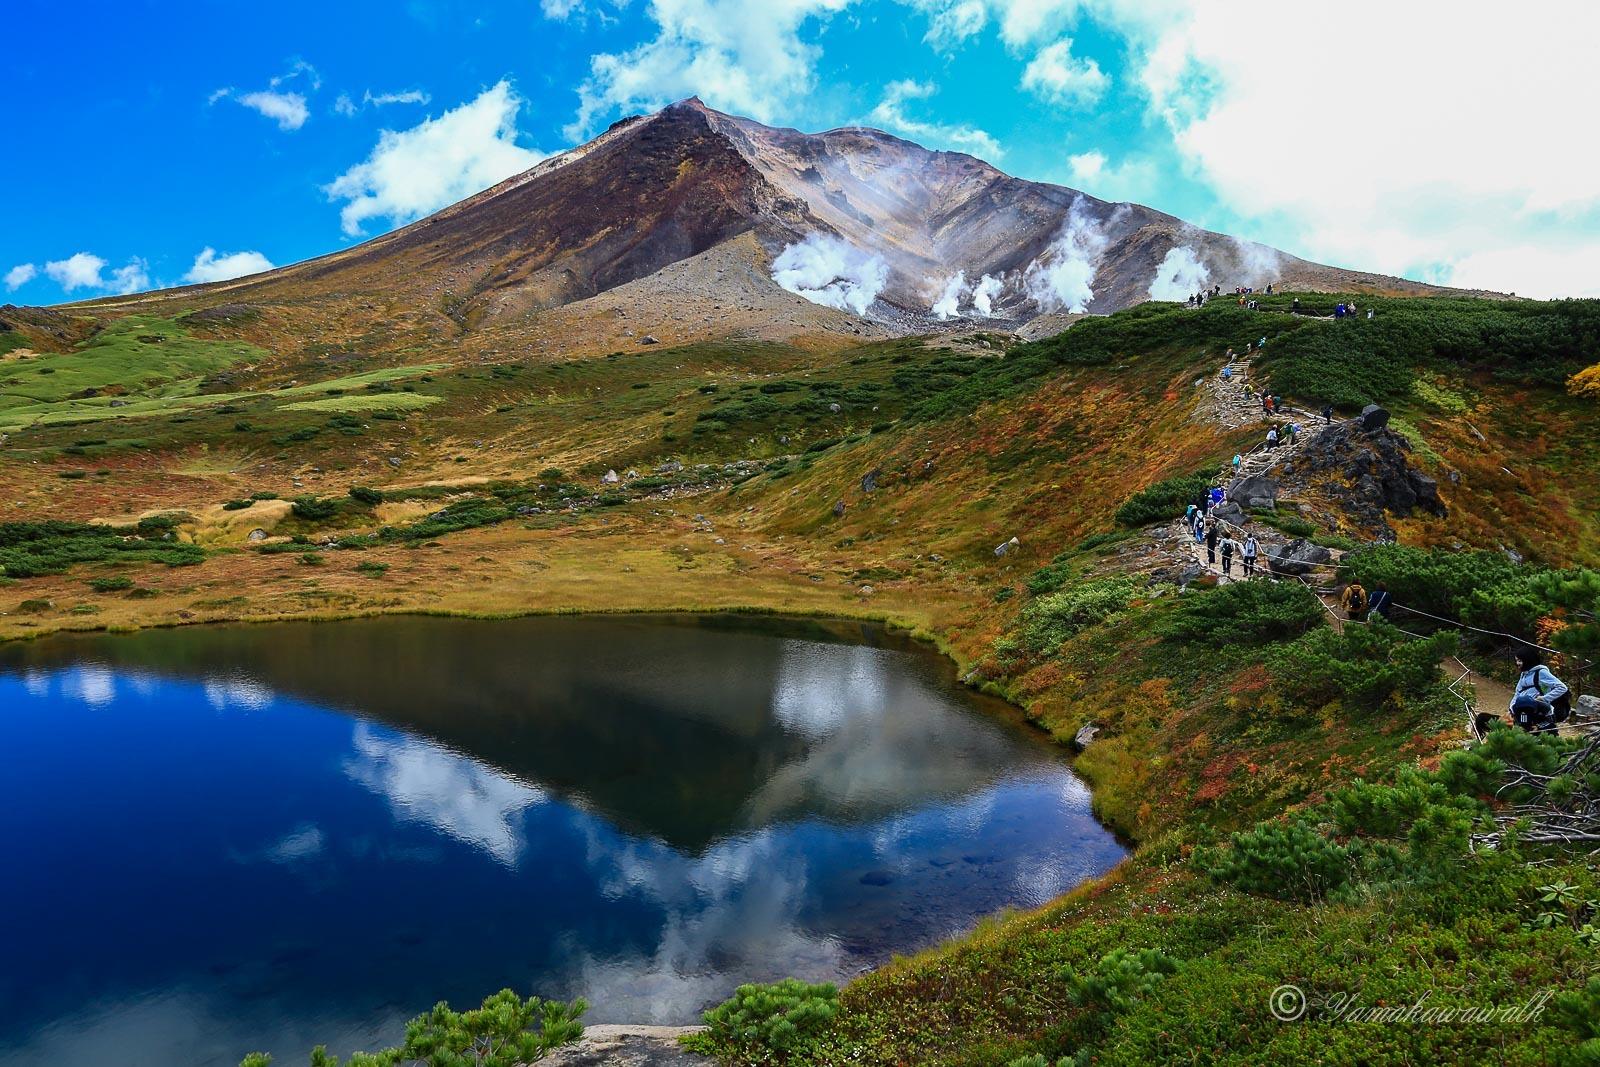 裾合平から中岳温泉まで歩いてきた_b0243727_20041719.jpg